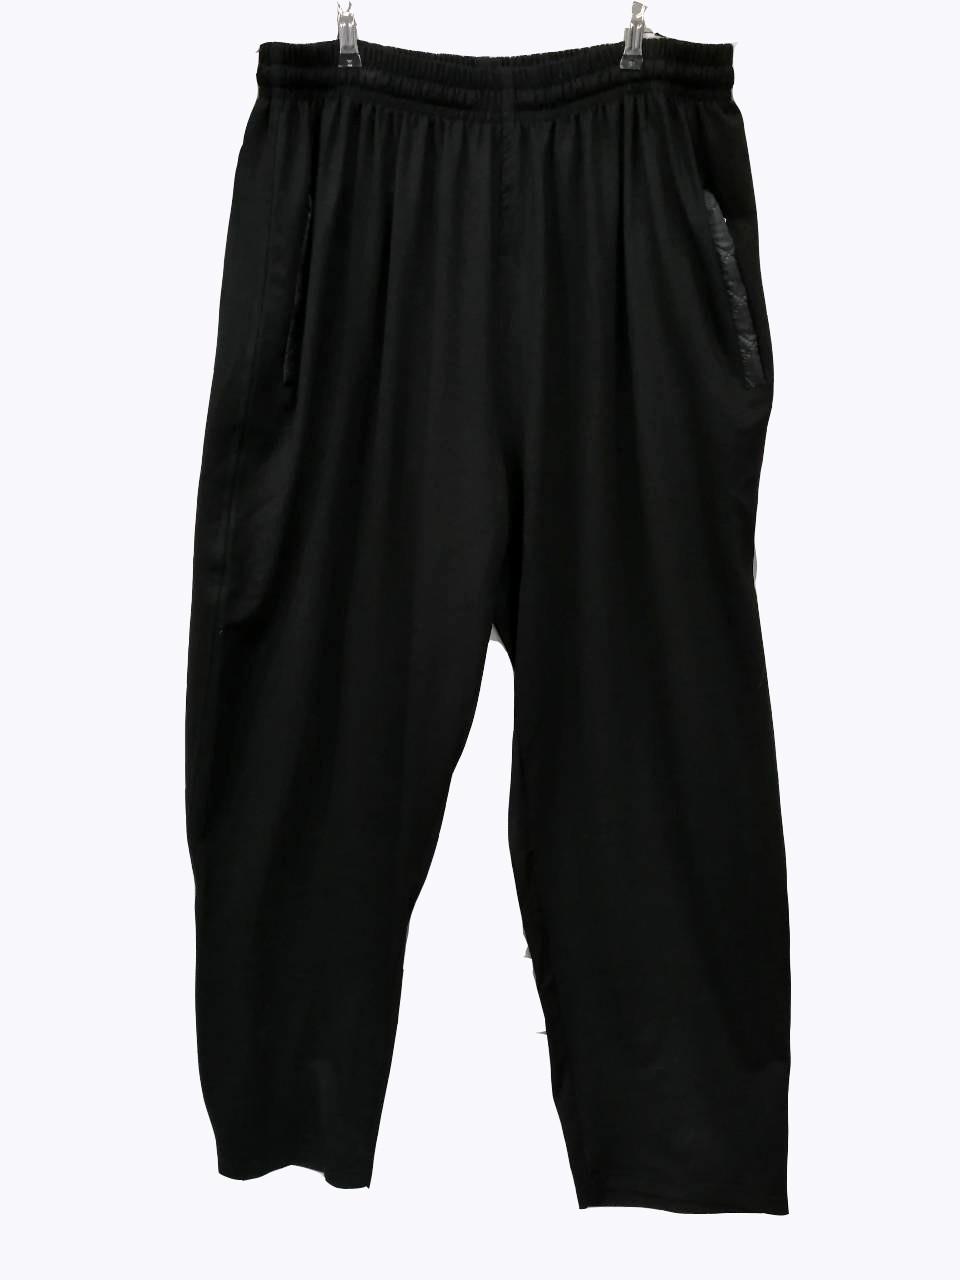 Брюки мужские трикотажные Occo Big  Супербатальные спортивные штаны турецкого производства